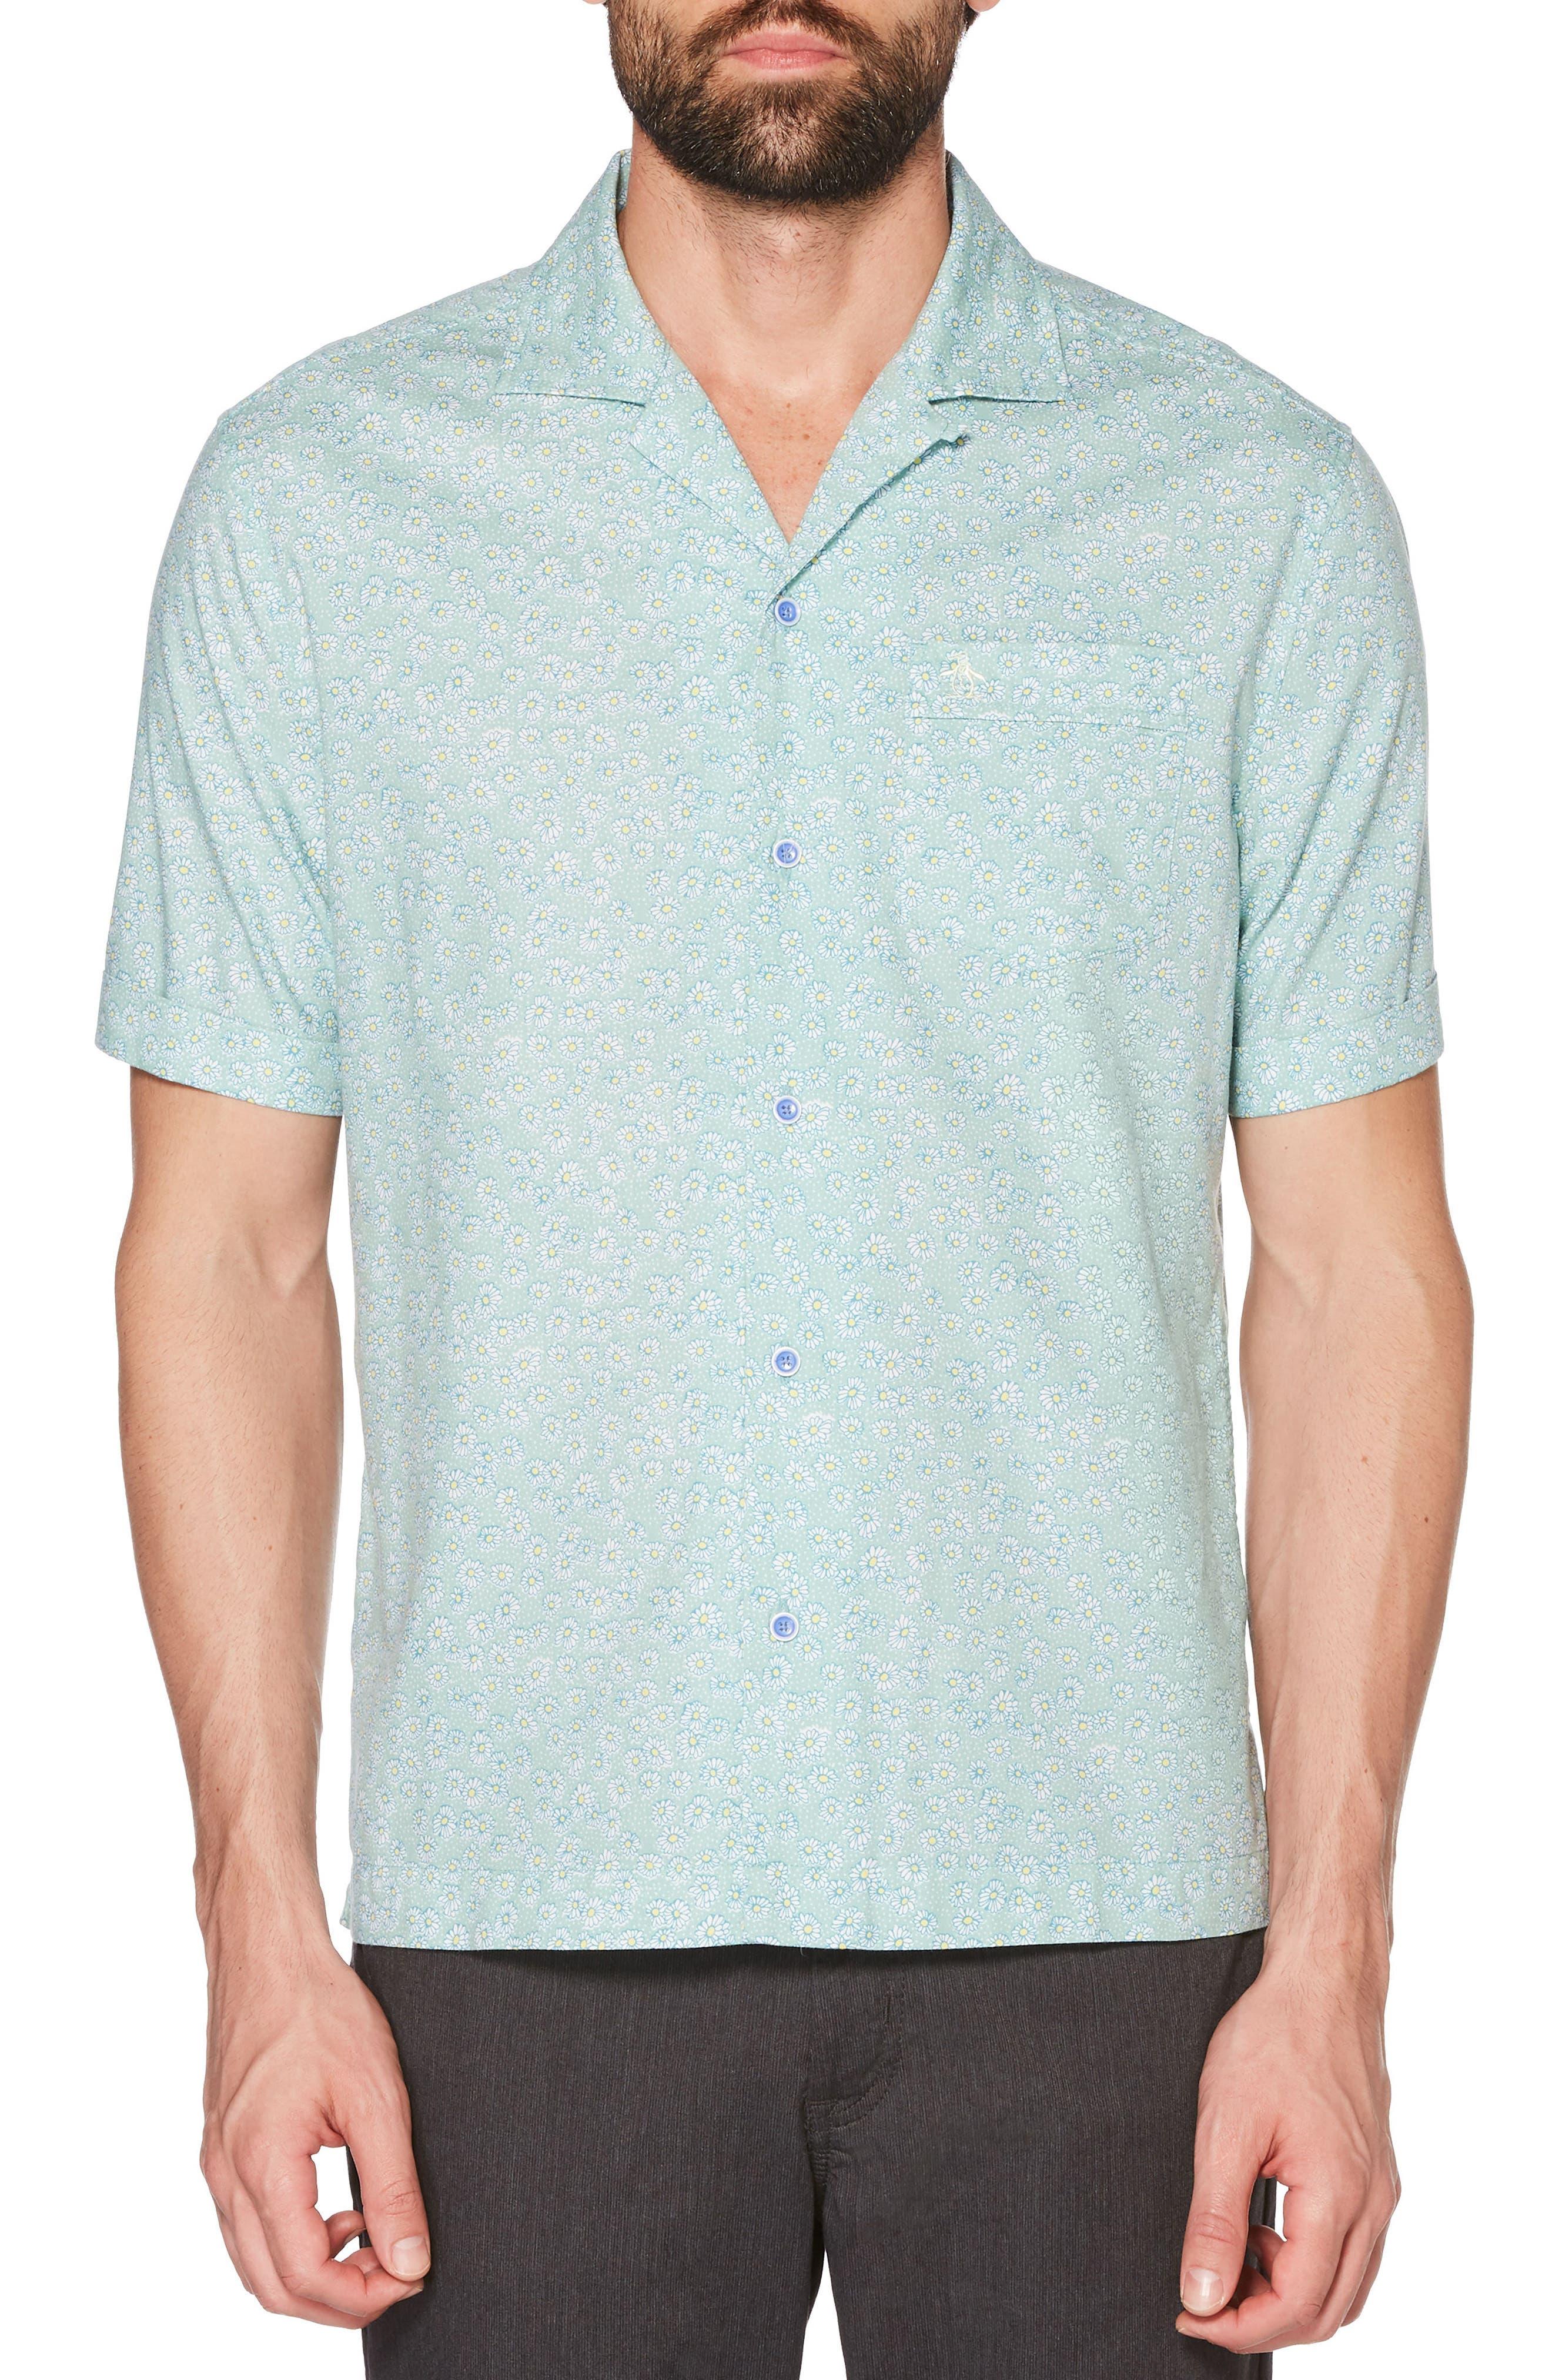 Daisy Print Woven Shirt,                             Main thumbnail 1, color,